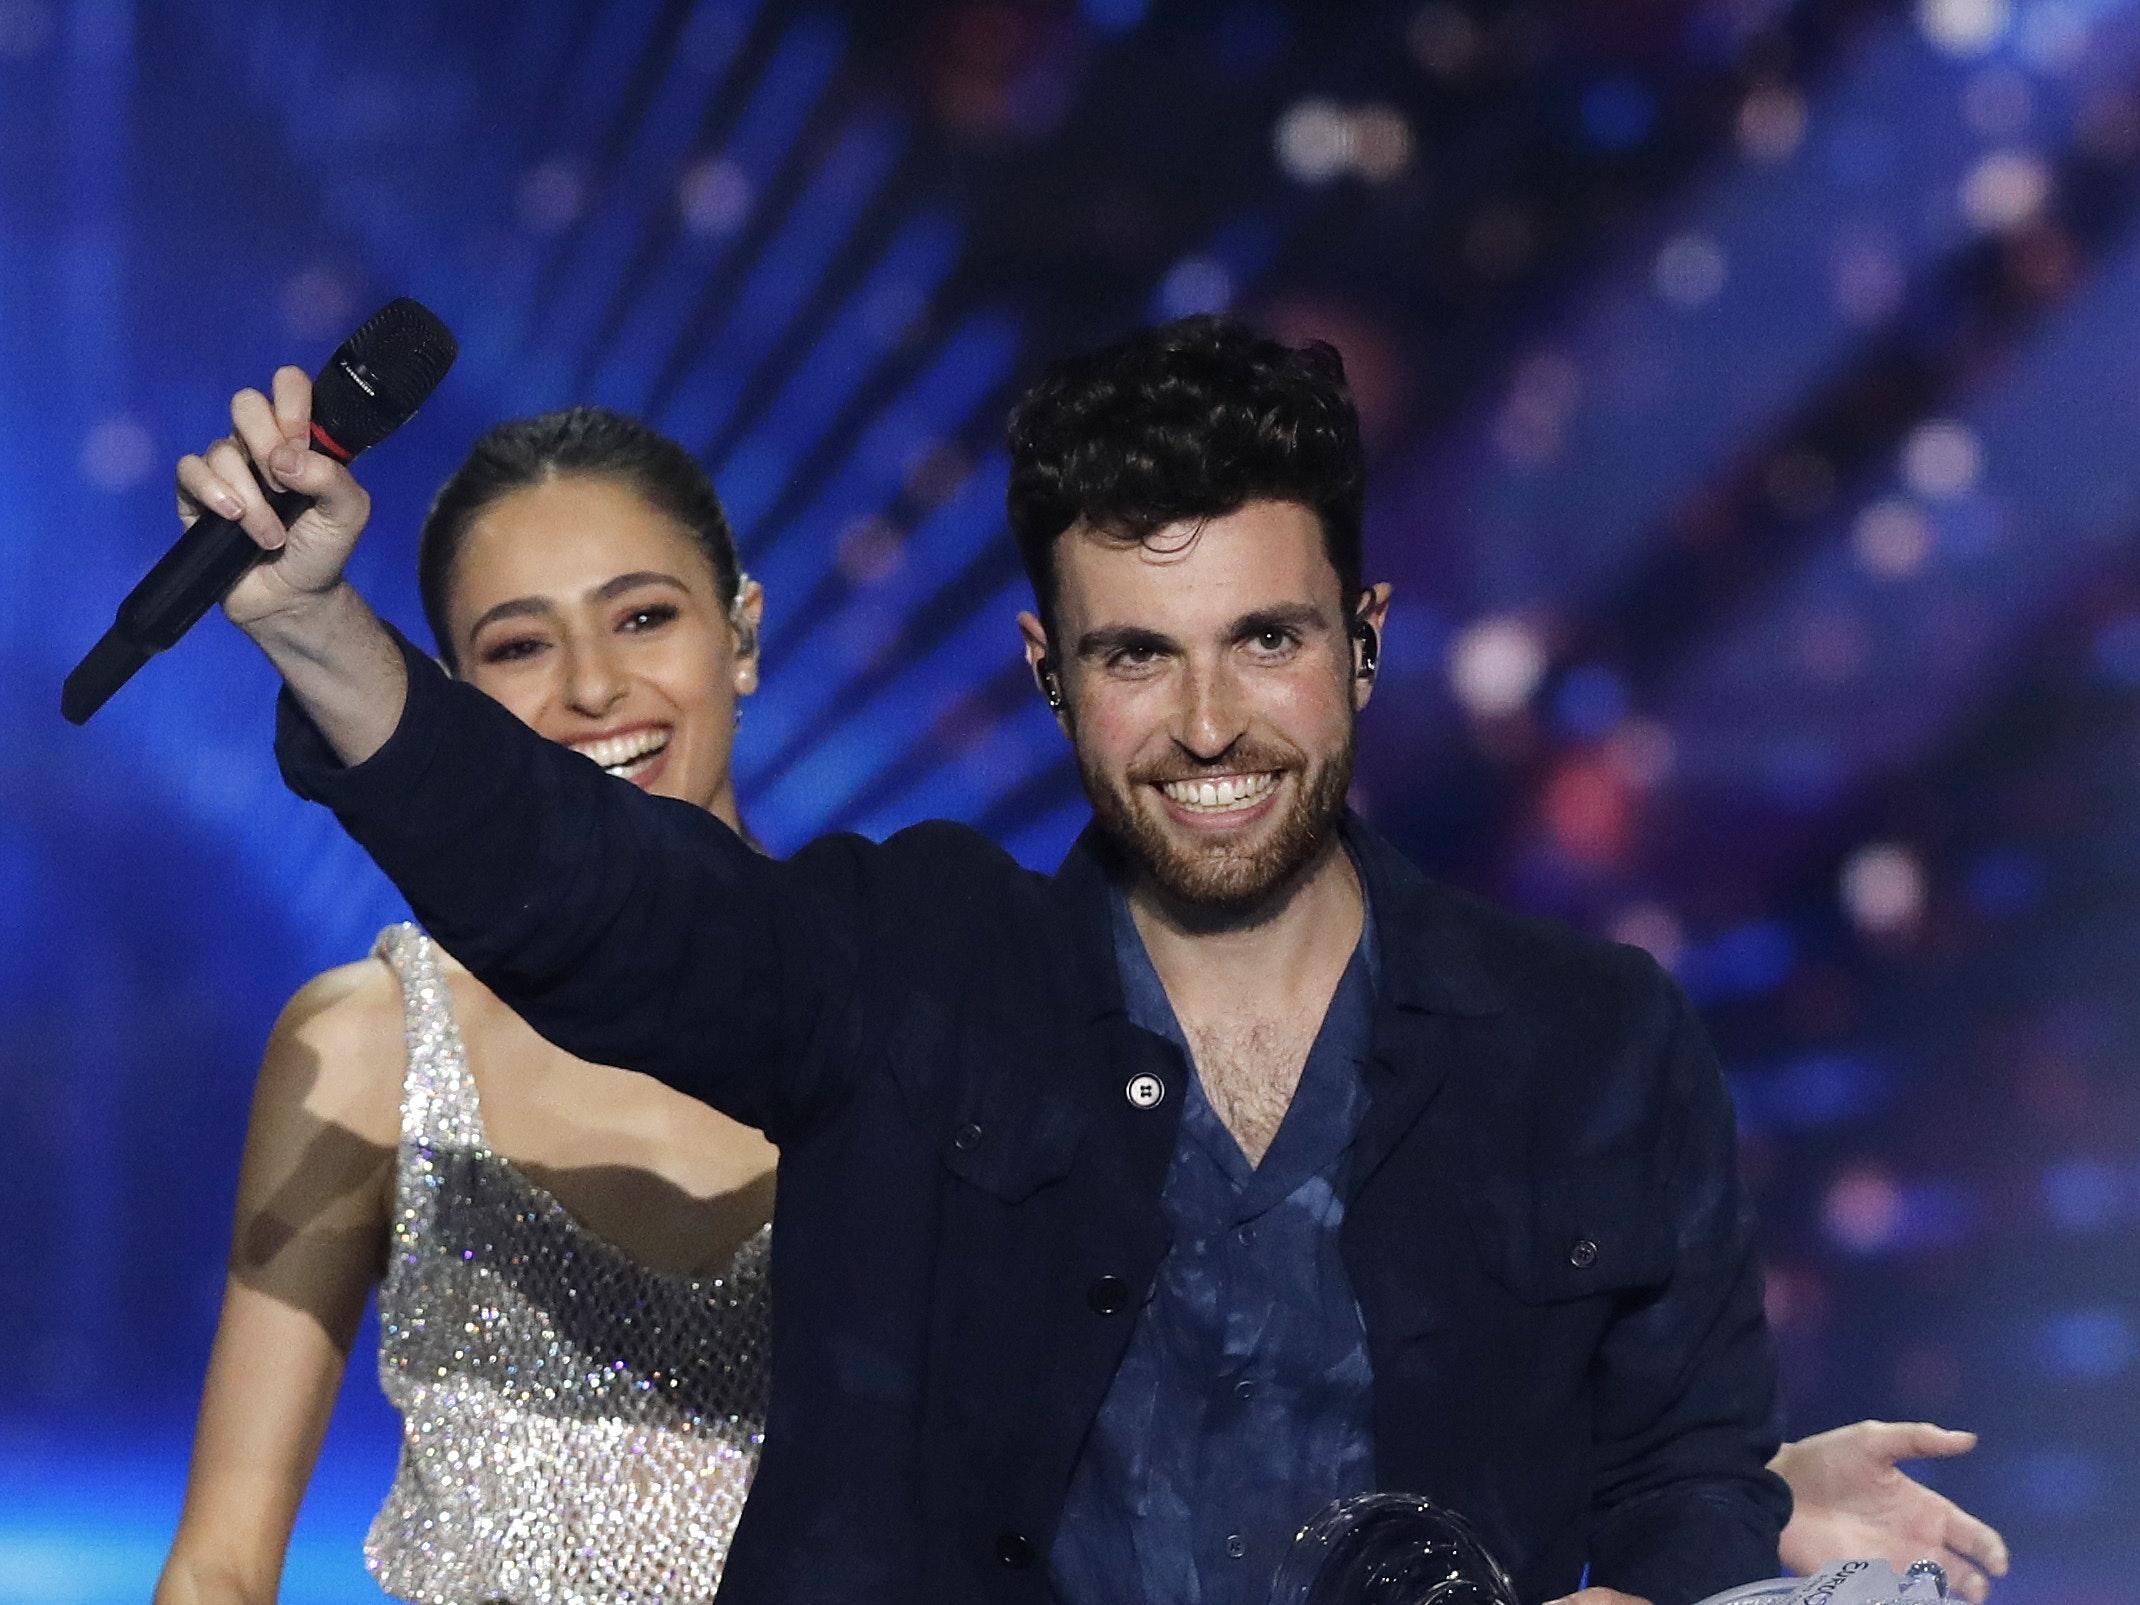 Eurovision 2019 Winner Heroes